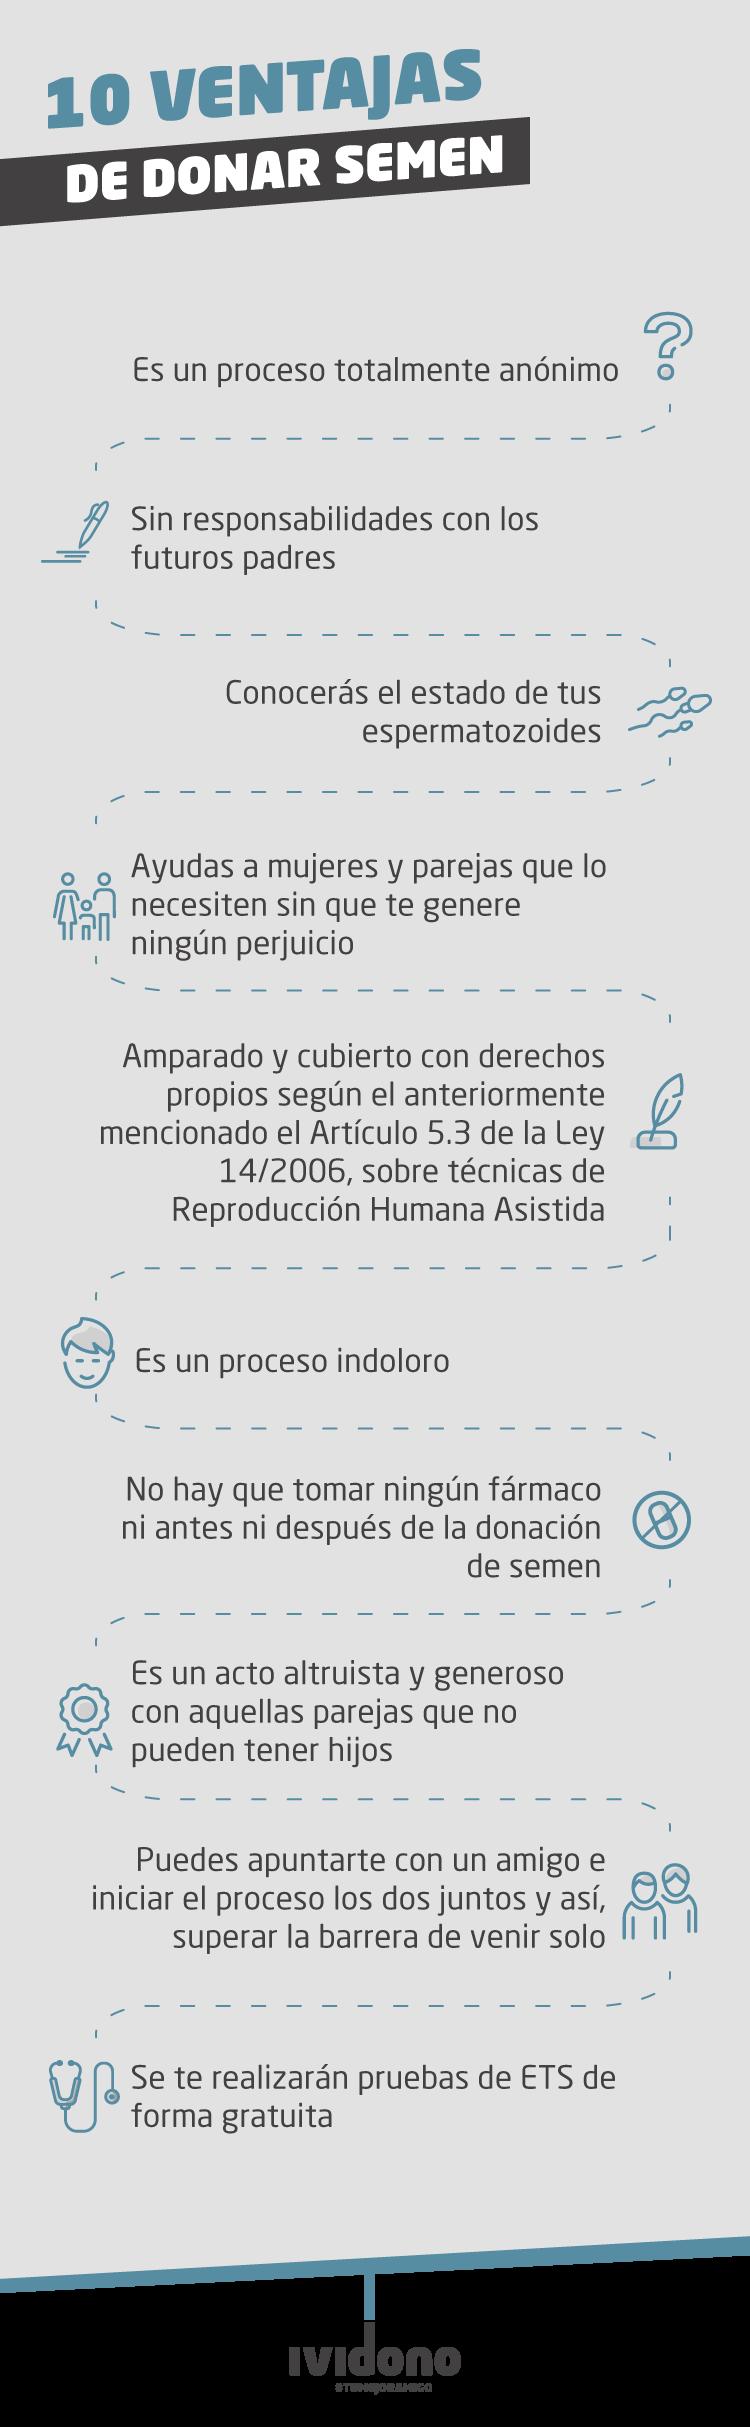 Infografía sobre los beneficios de la donación de semen